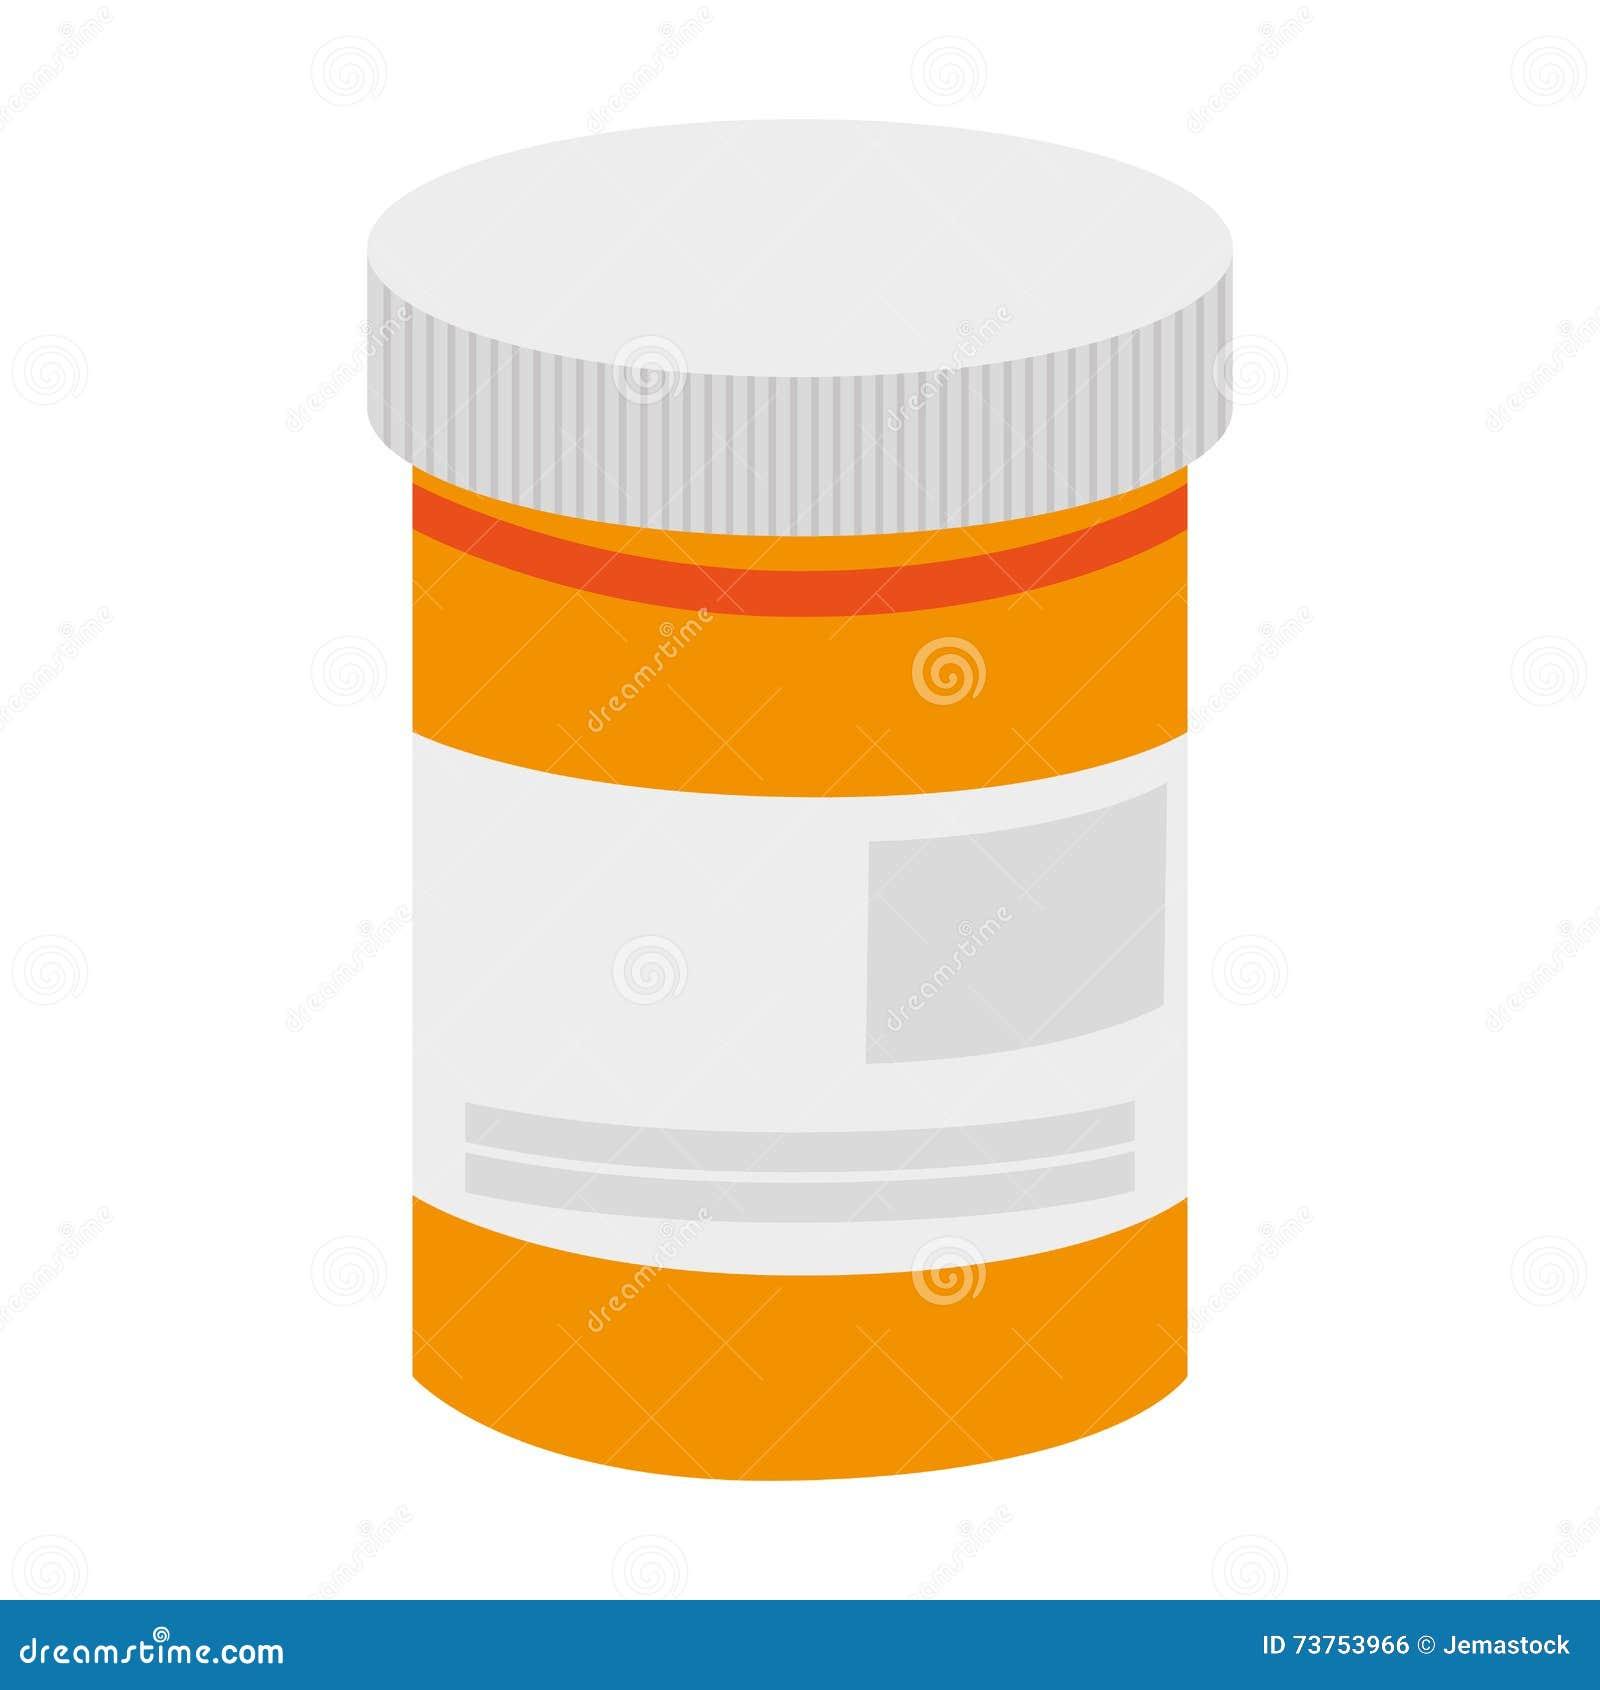 Pill bottle icon stock illustration. Illustration of pain